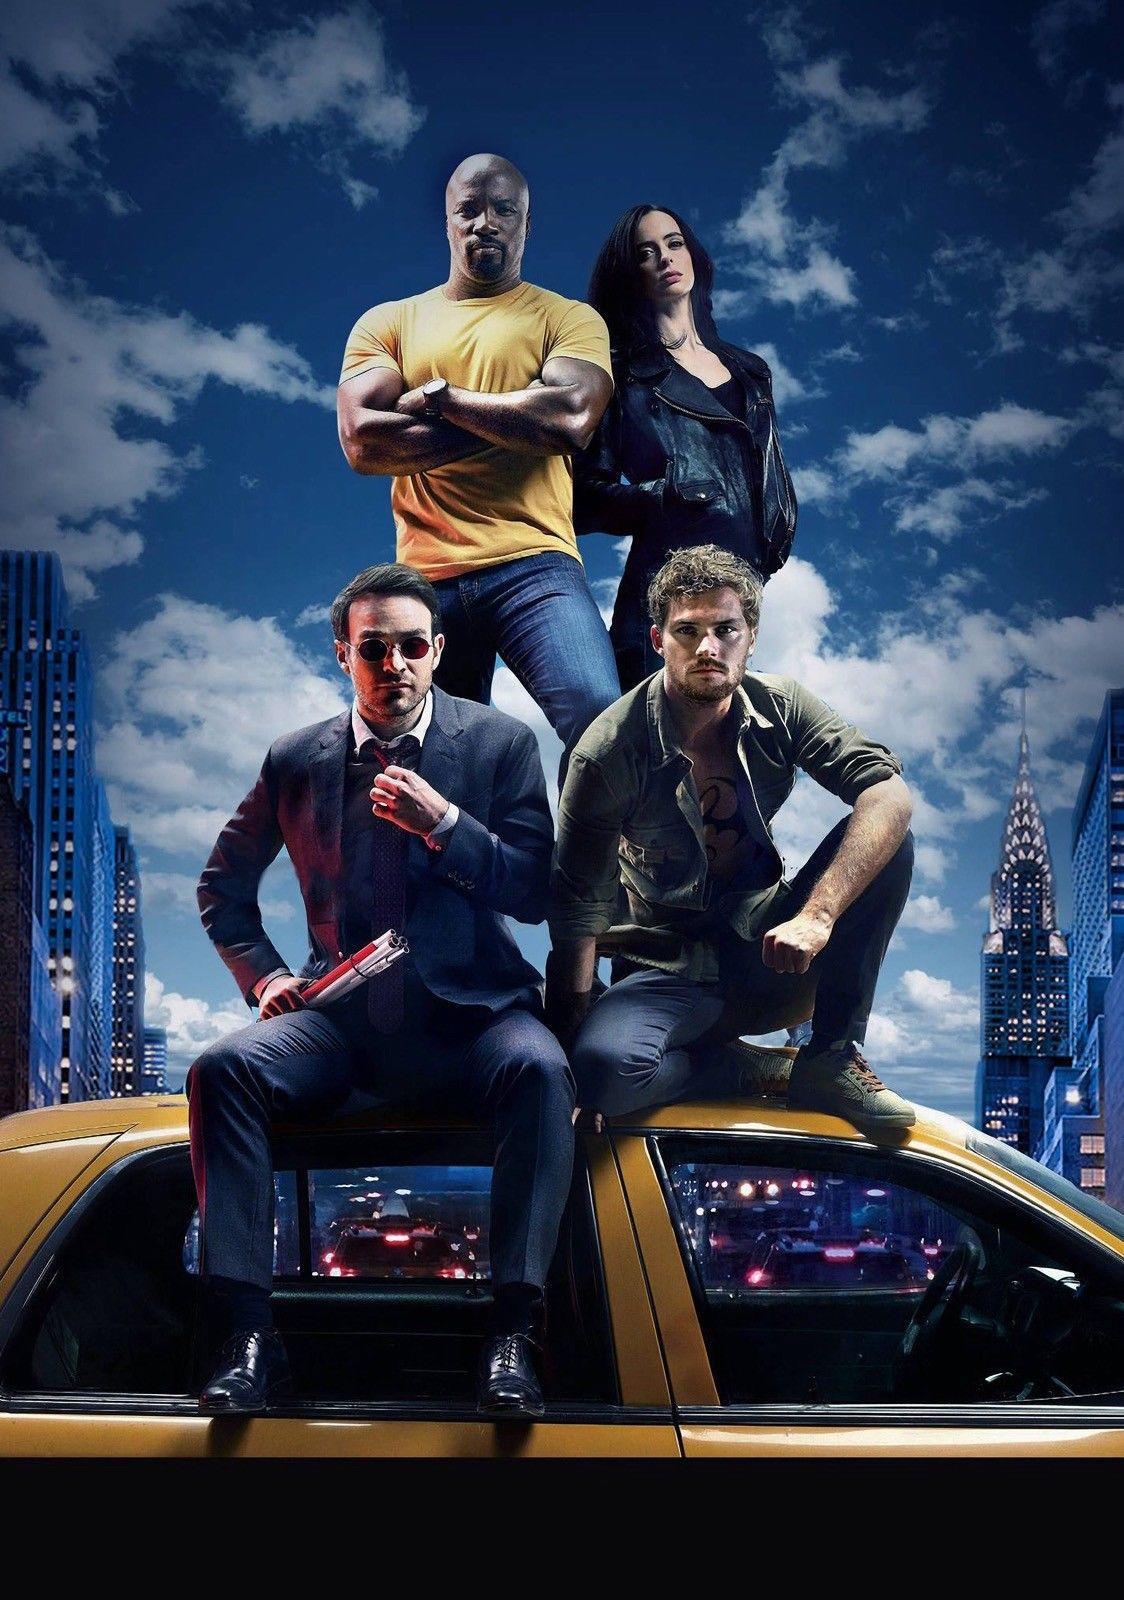 THE DEFENDERS Serie de programas de televisión Art Luke Cage Jessica Jones Art Póster con estampado de seda 24x36 pulgadas (60x90cm)